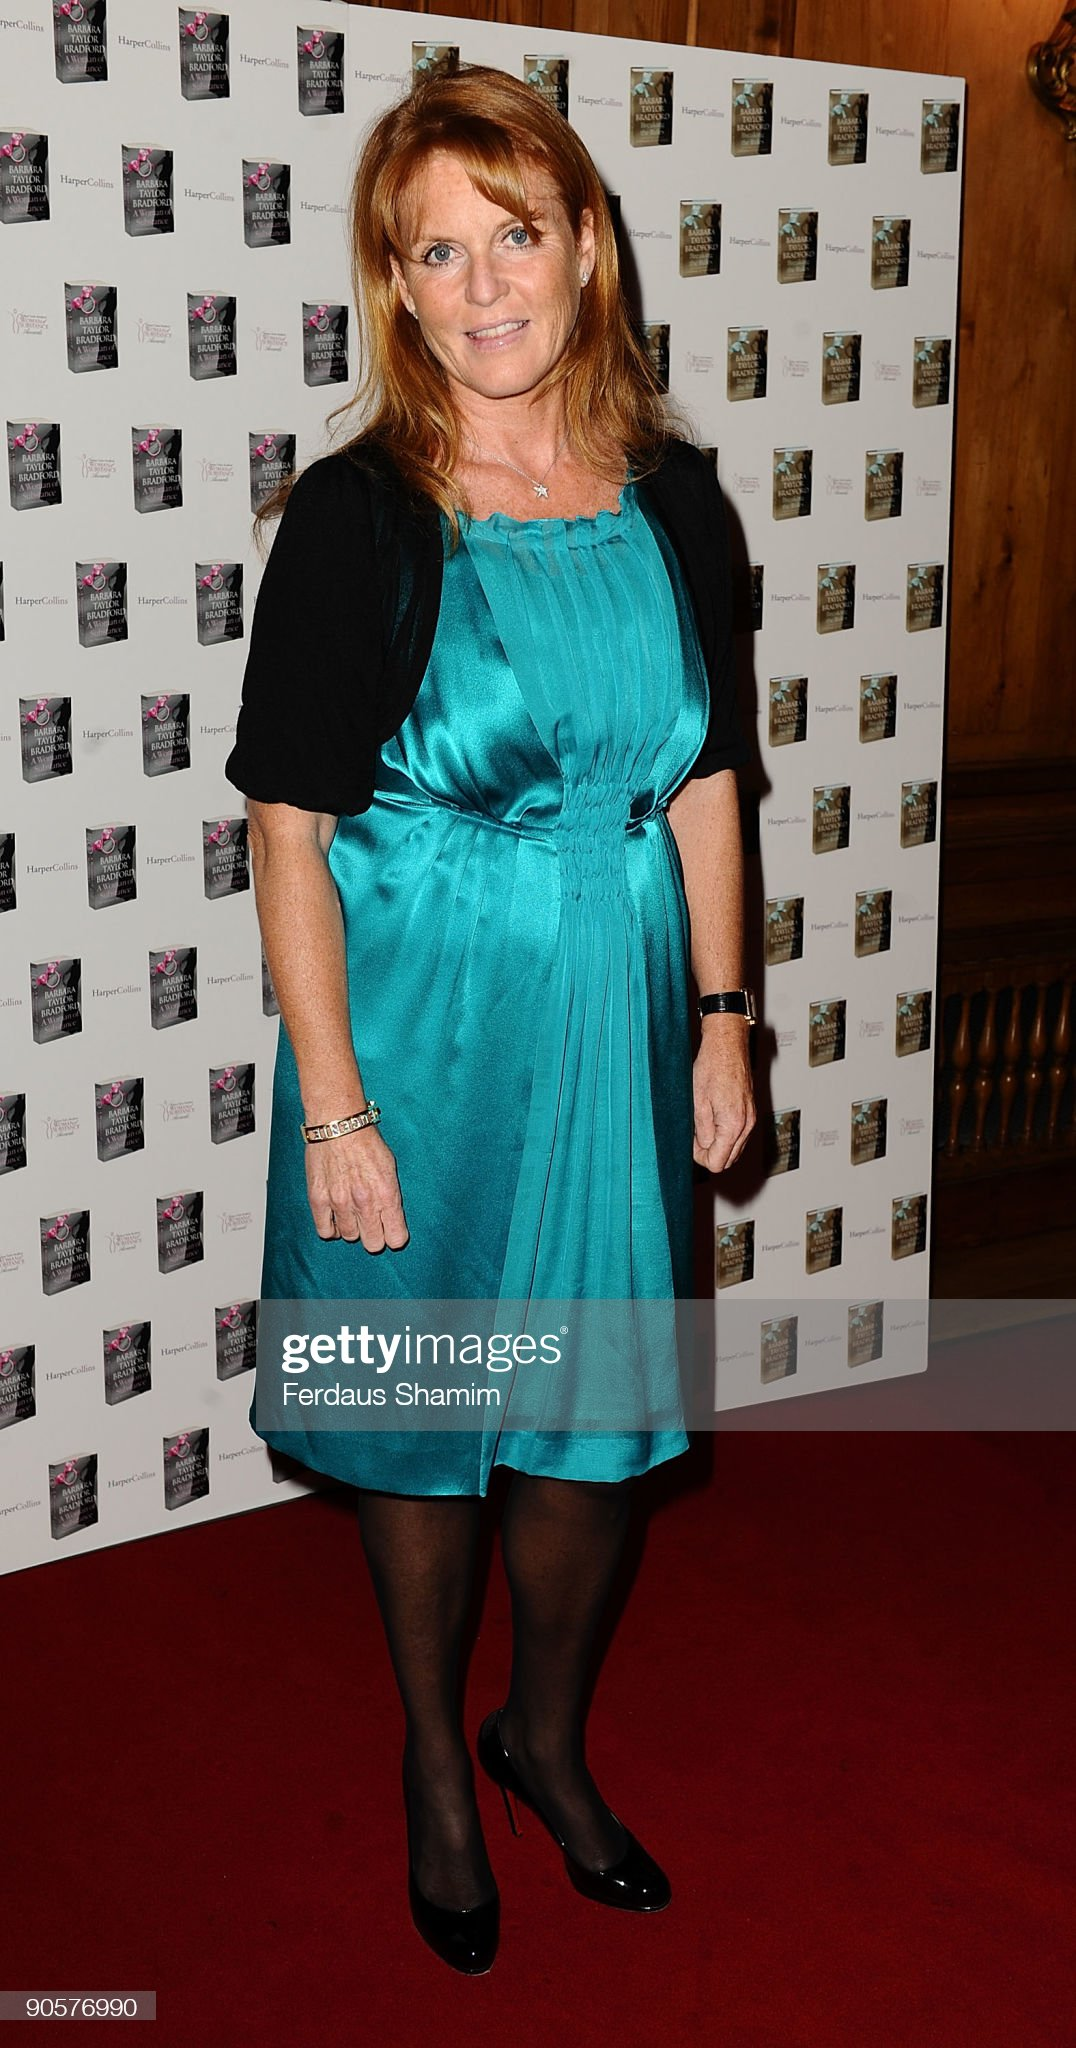 Вечерние наряды Отем пока еще Филлипс и Сары Йоркской A Woman Of Substance Awards : News Photo